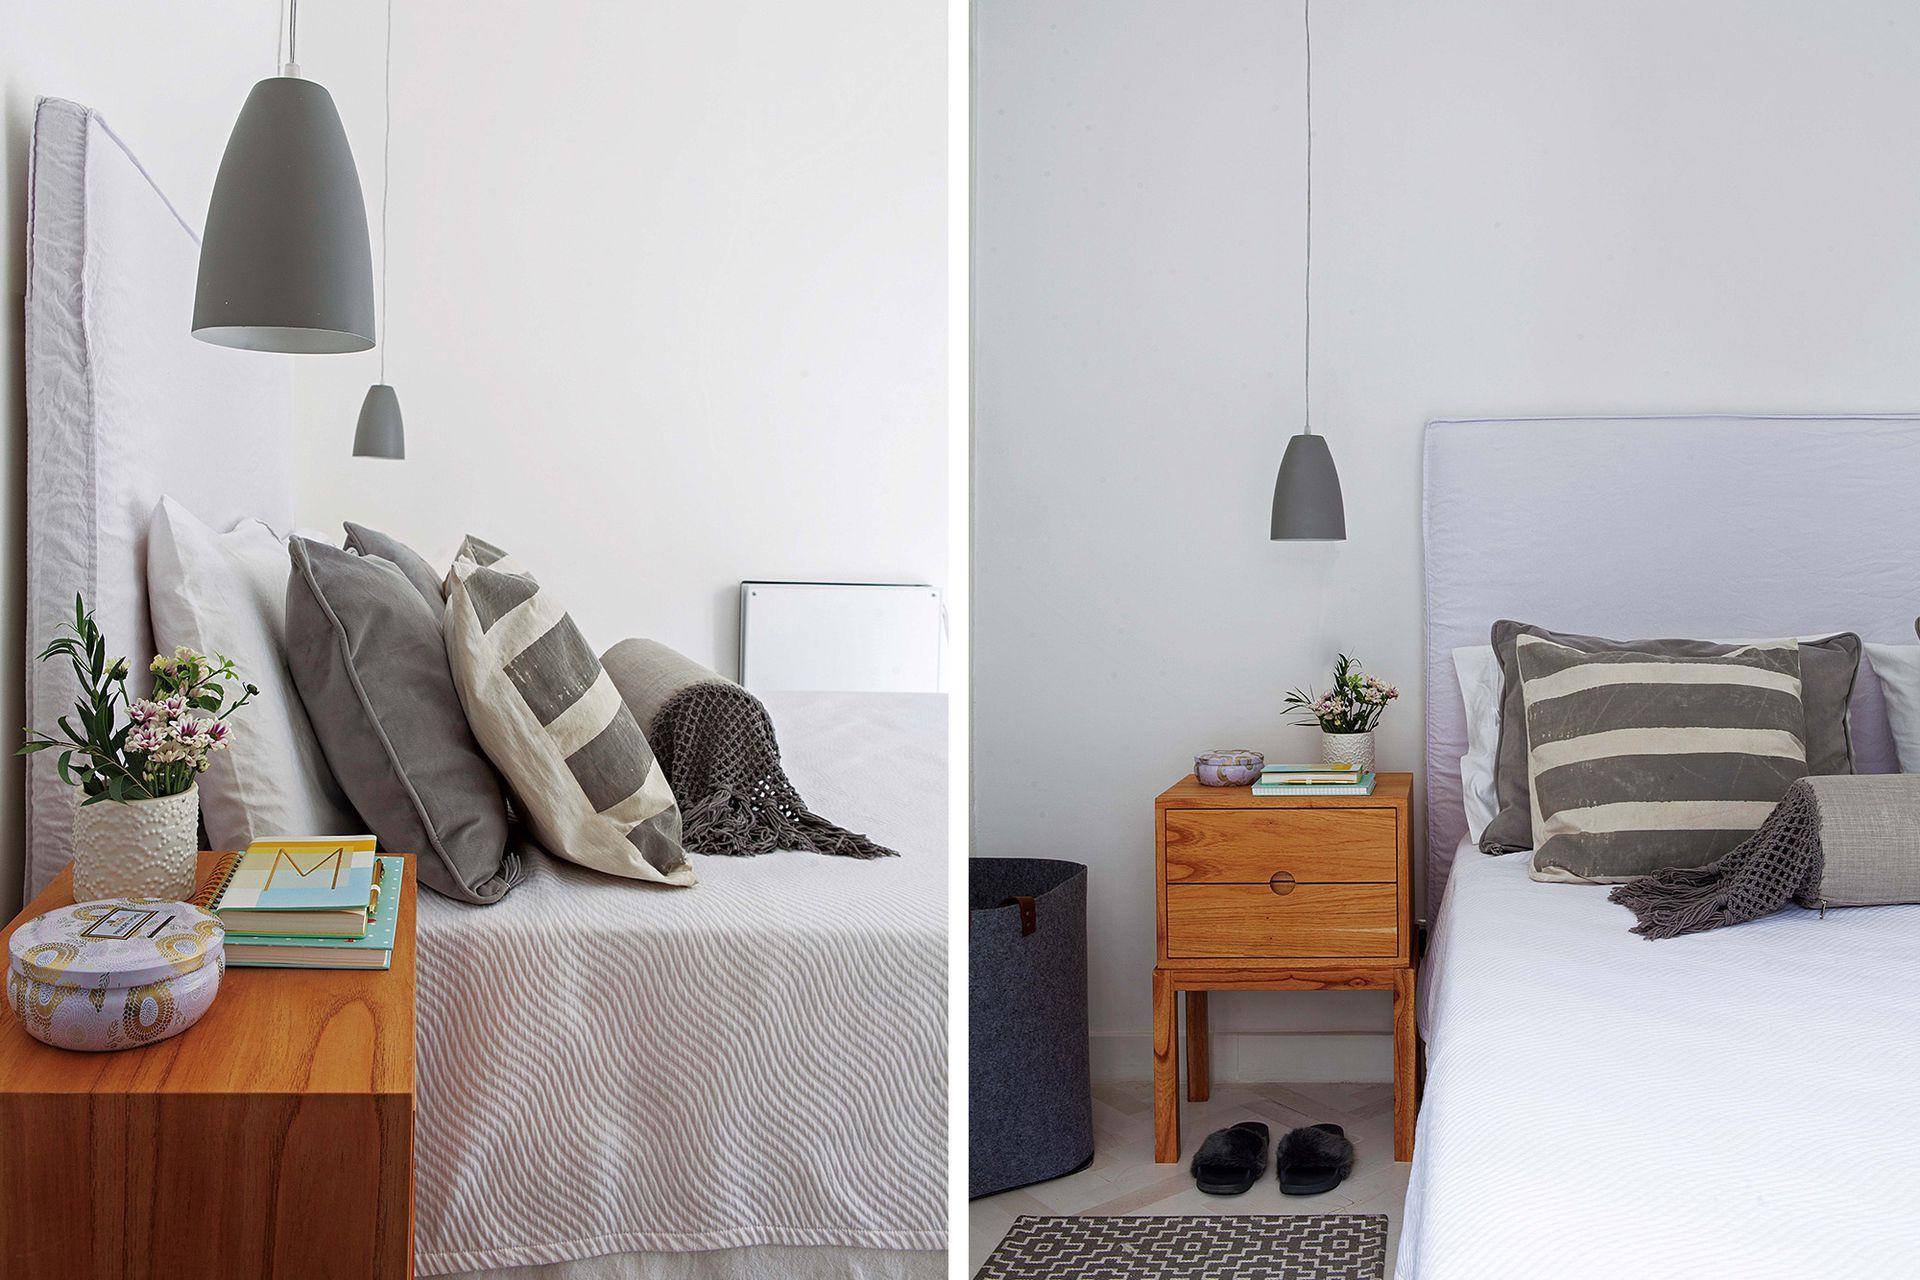 Junto a la cama con almohadones varios (Good Luck Casa), mesa de luz en madera y luminaria colgante (Flo's Market).